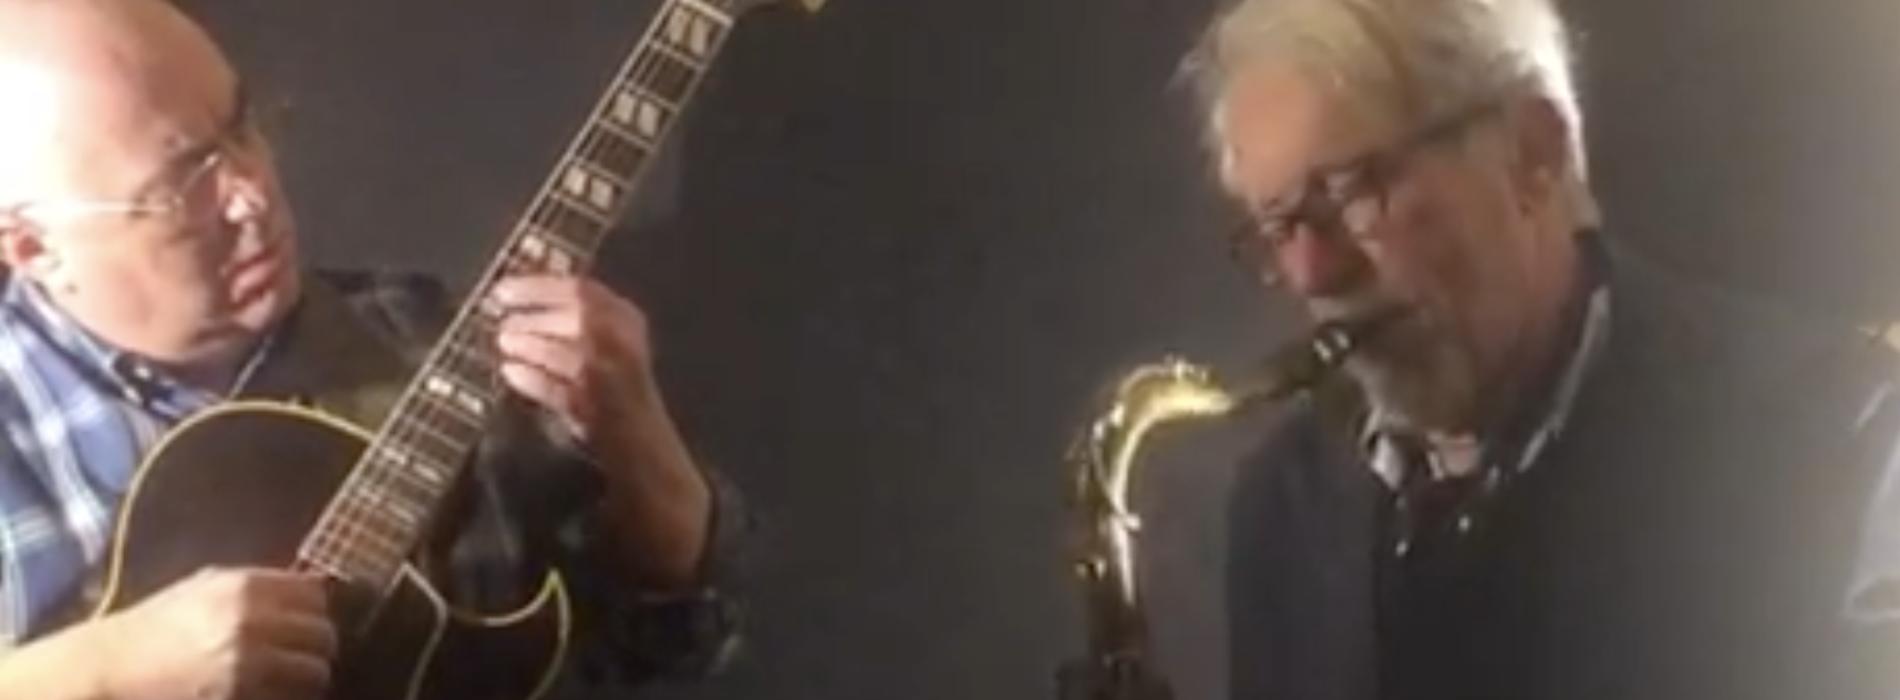 Giornata del Jazz, da Caserta l'omaggio di Condorelli e D'Argenzio